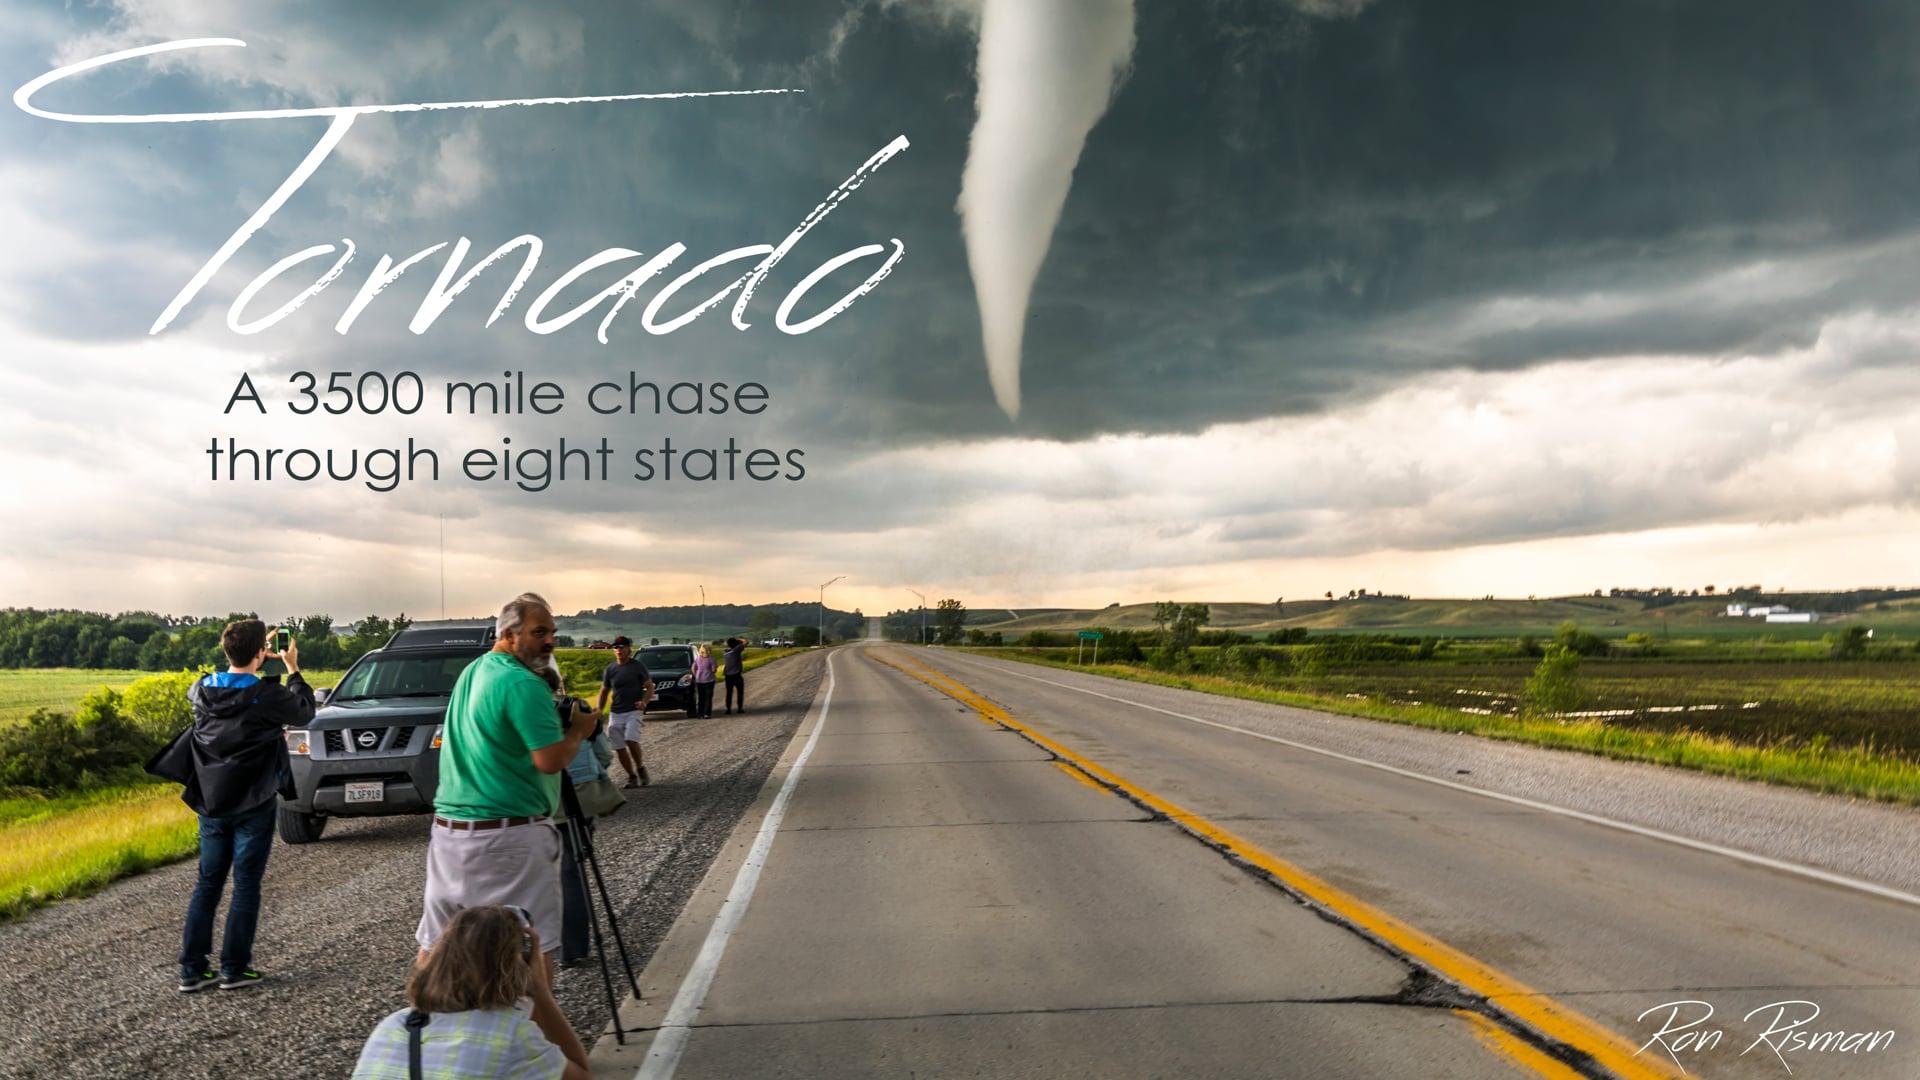 Tornado:   A 3500 Mile Chase through Eight States